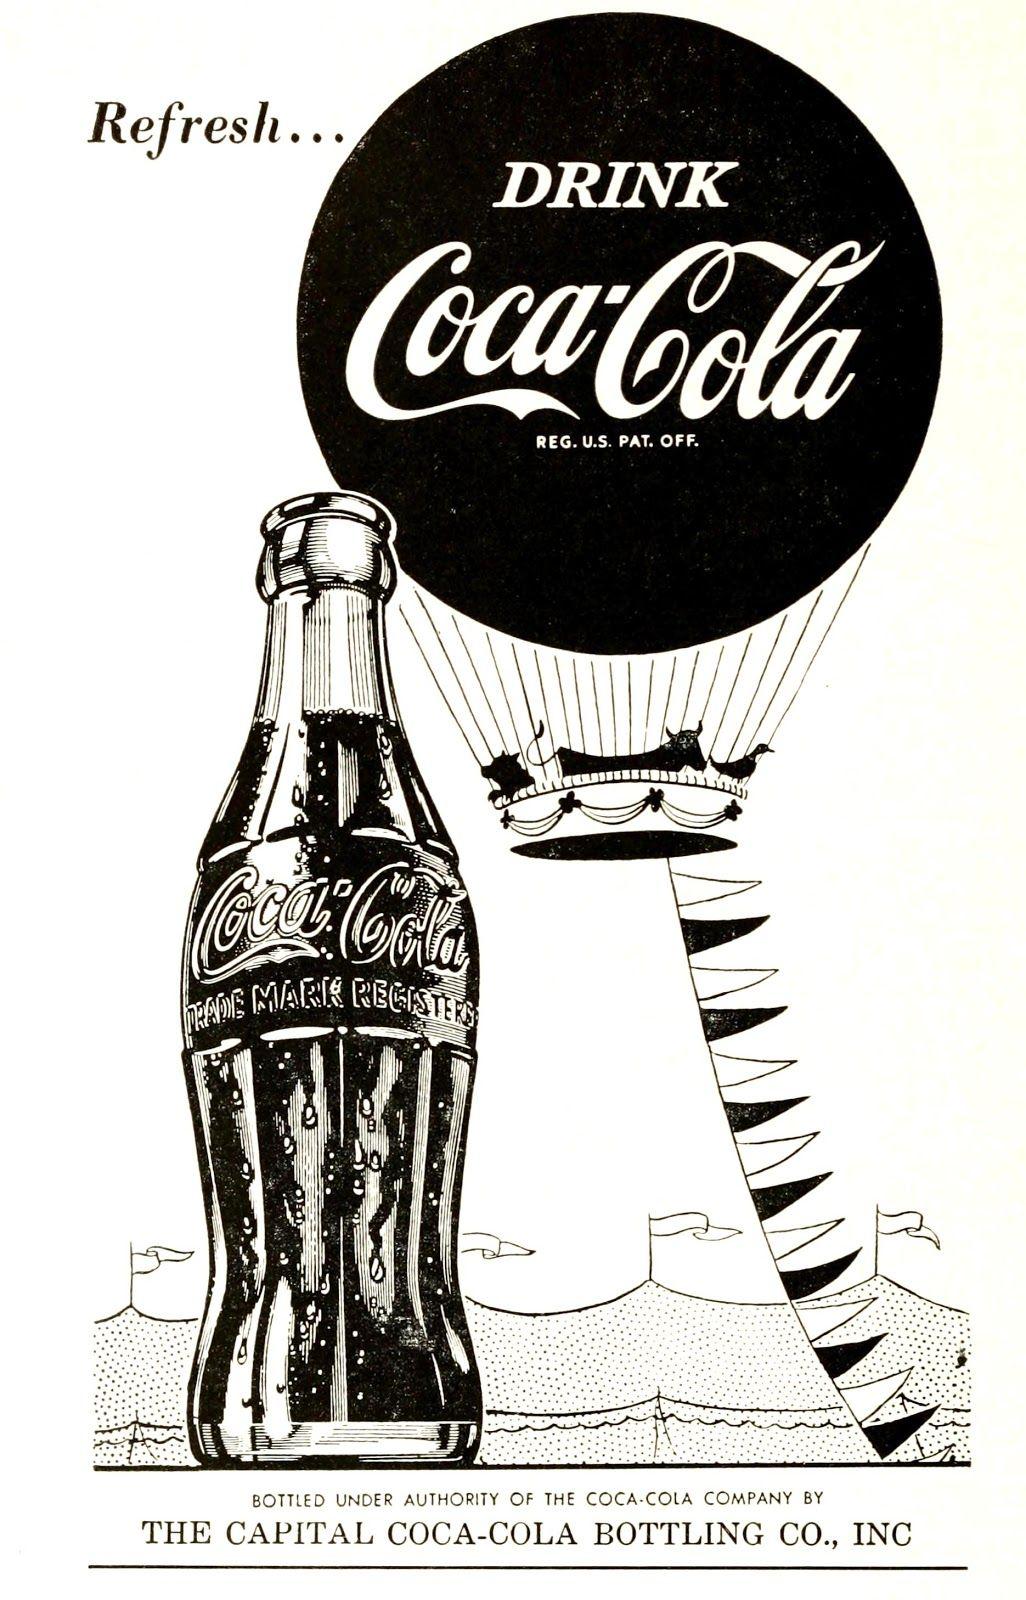 Retro Coca Cola advert